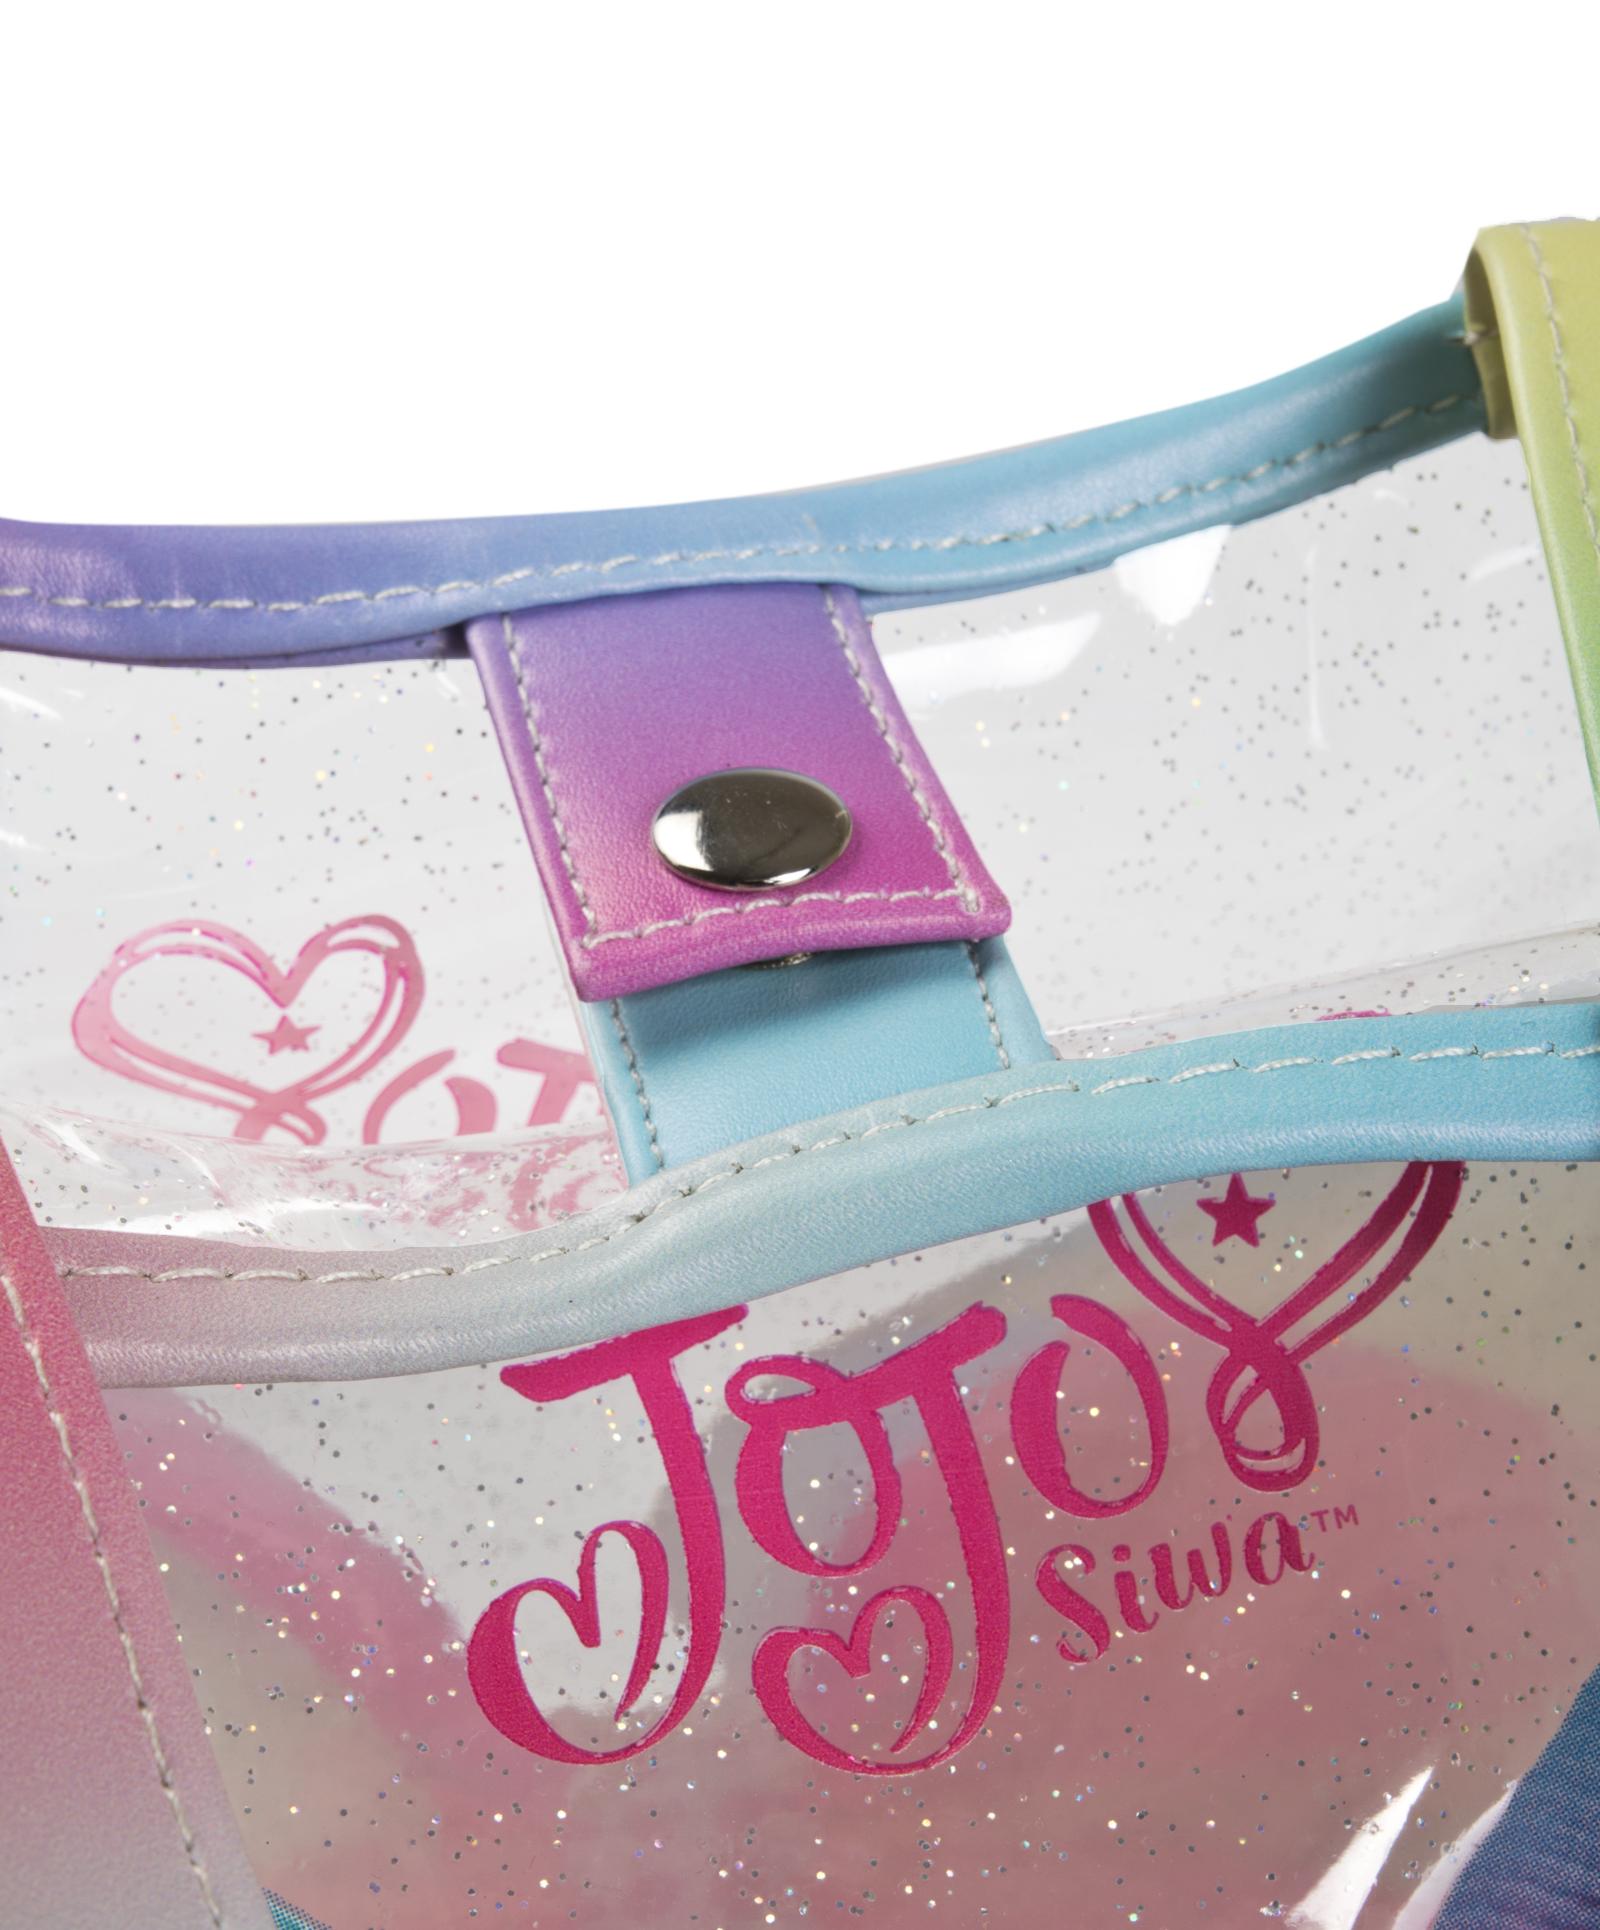 Jojo-Siwa-Mochila-Bolsa-de-Hombro-acarreo-3D-Arco-Mochila-Bolsa-De-Verano-Fiesta-De-Pijamas-Ninos